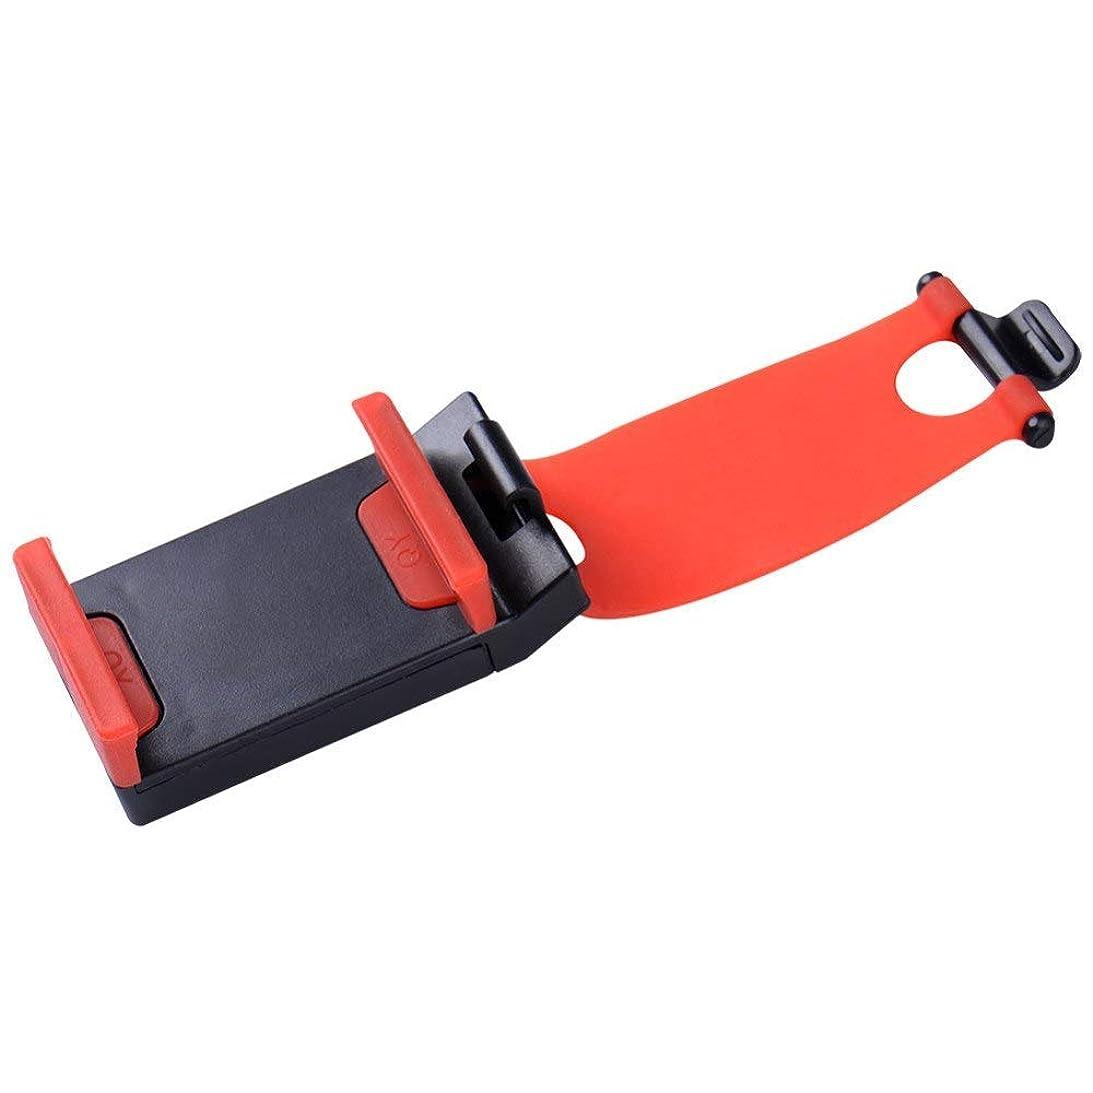 ディンカルビル命令的価値Jicorzo - 6つの6Sプラス三星ギャラクシーS8 S7 S5 S6エッジについてiPhone 7のための普遍的な車の自動車のステアリングホイールソケット移動ケースホルダースタンド